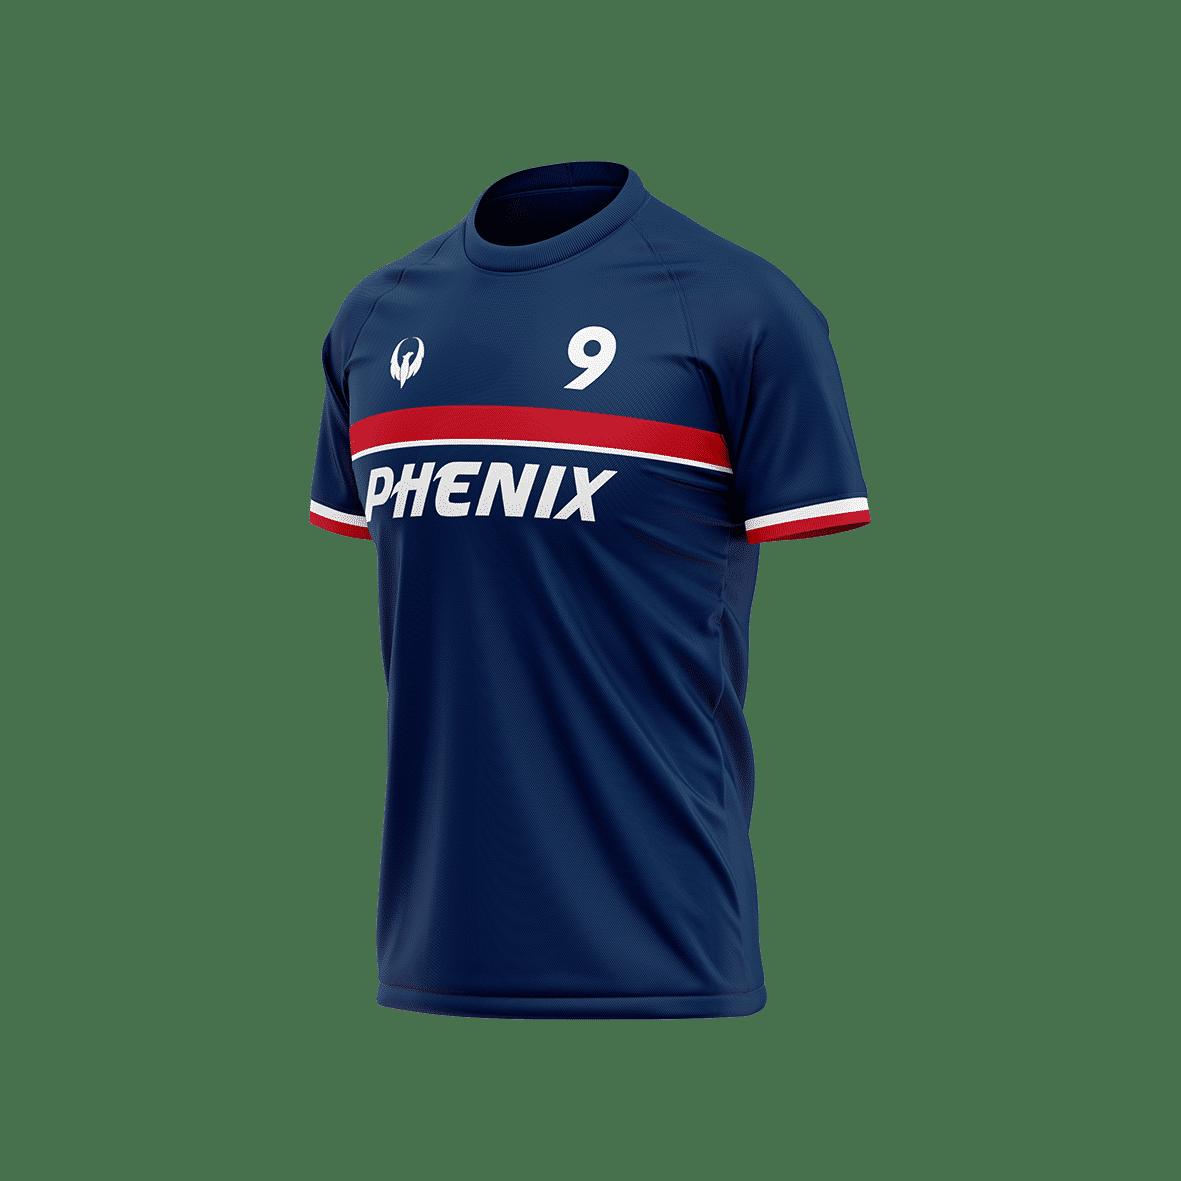 maillot-phenix-sport-club-7